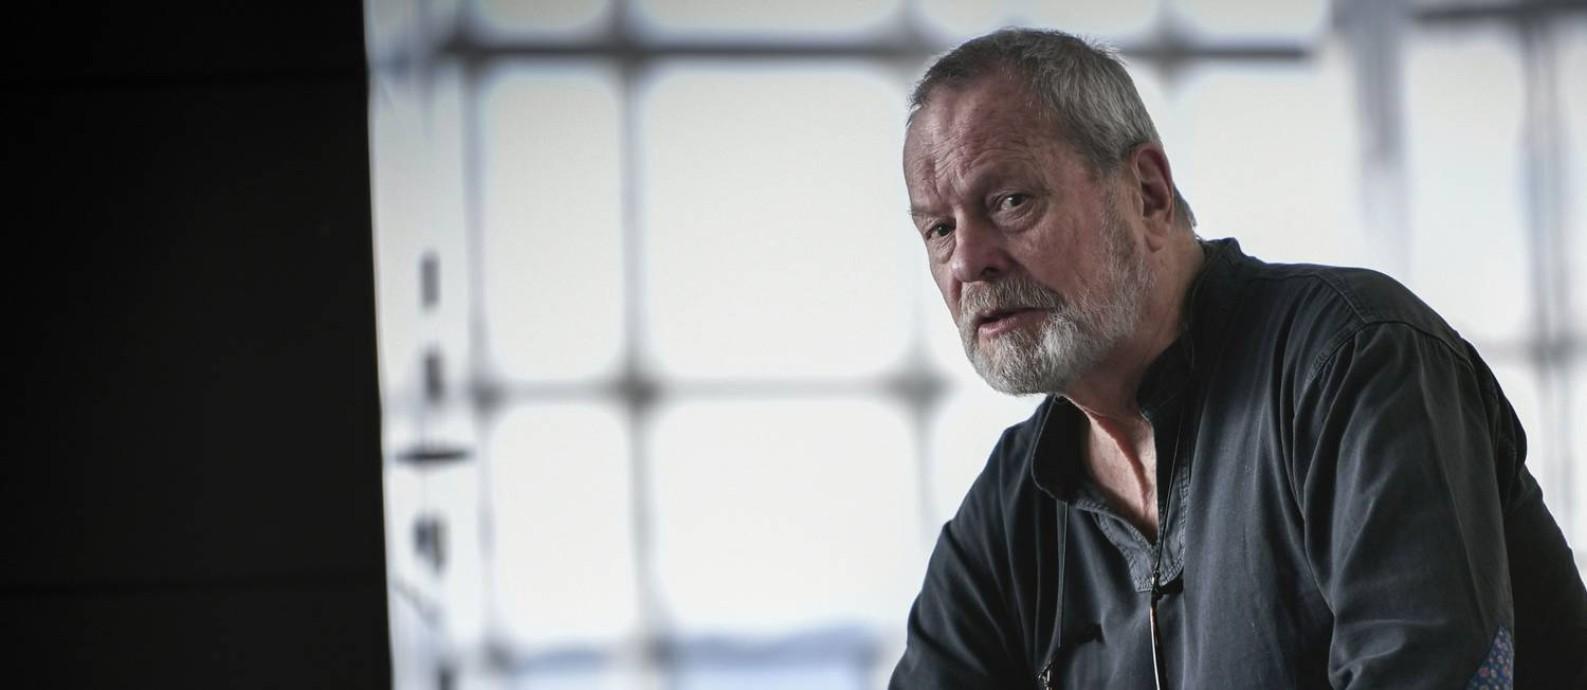 O diretor Terry Gilliam Foto: Stephane de Sakutin / AFP